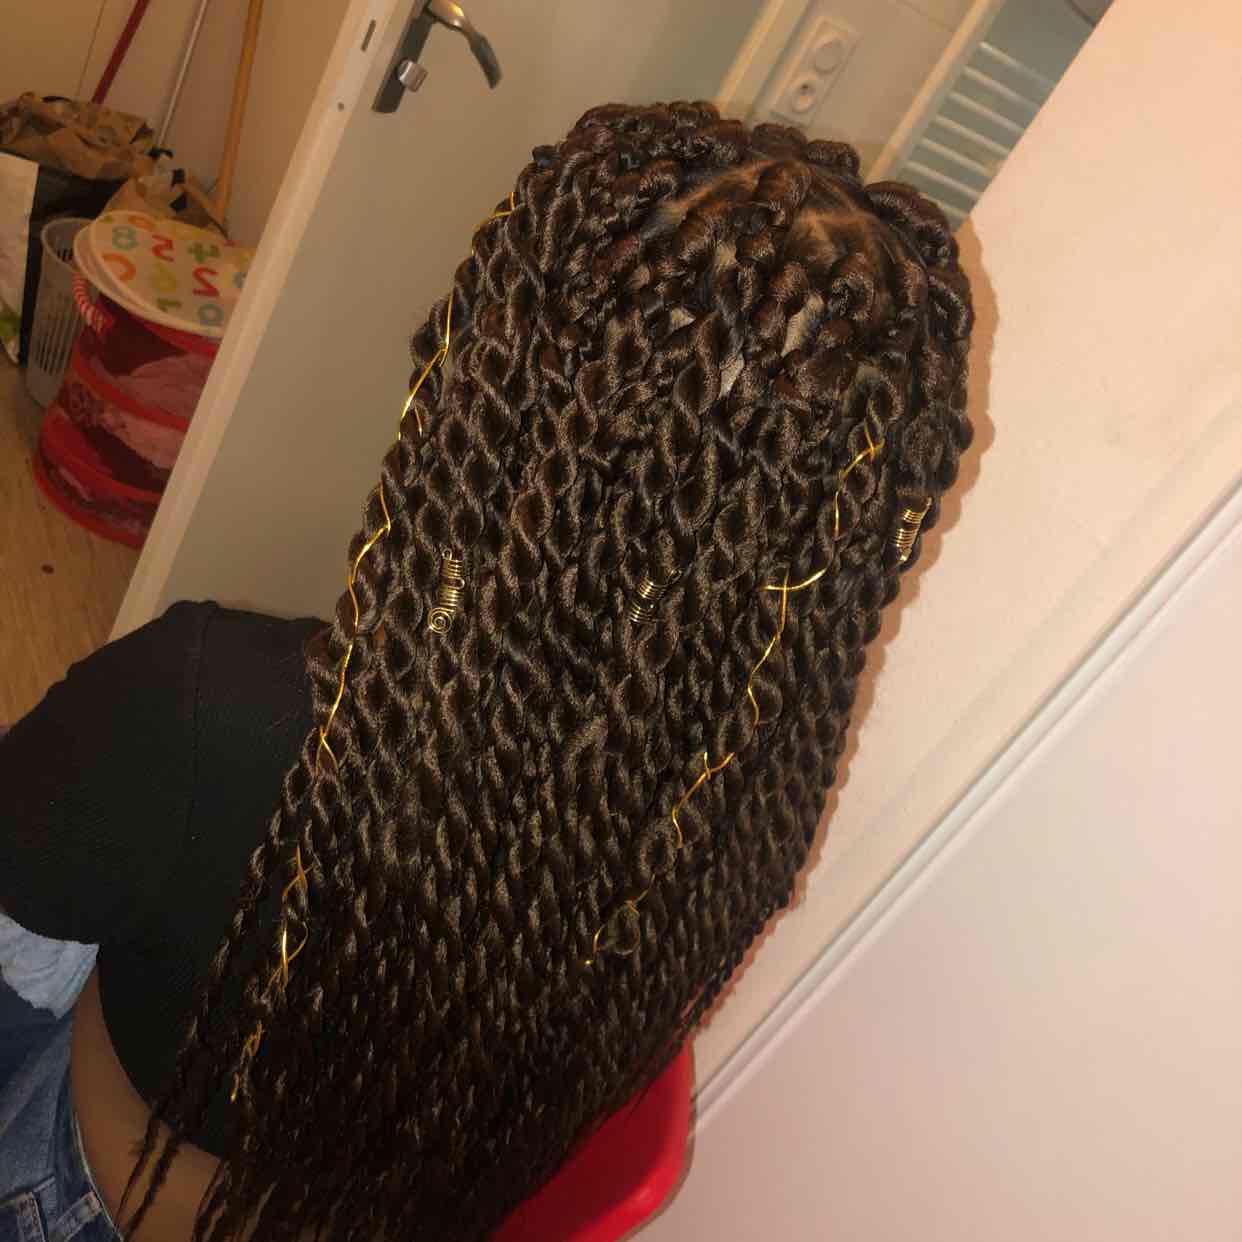 salon de coiffure afro tresse tresses box braids crochet braids vanilles tissages paris 75 77 78 91 92 93 94 95 QOOUFRRH